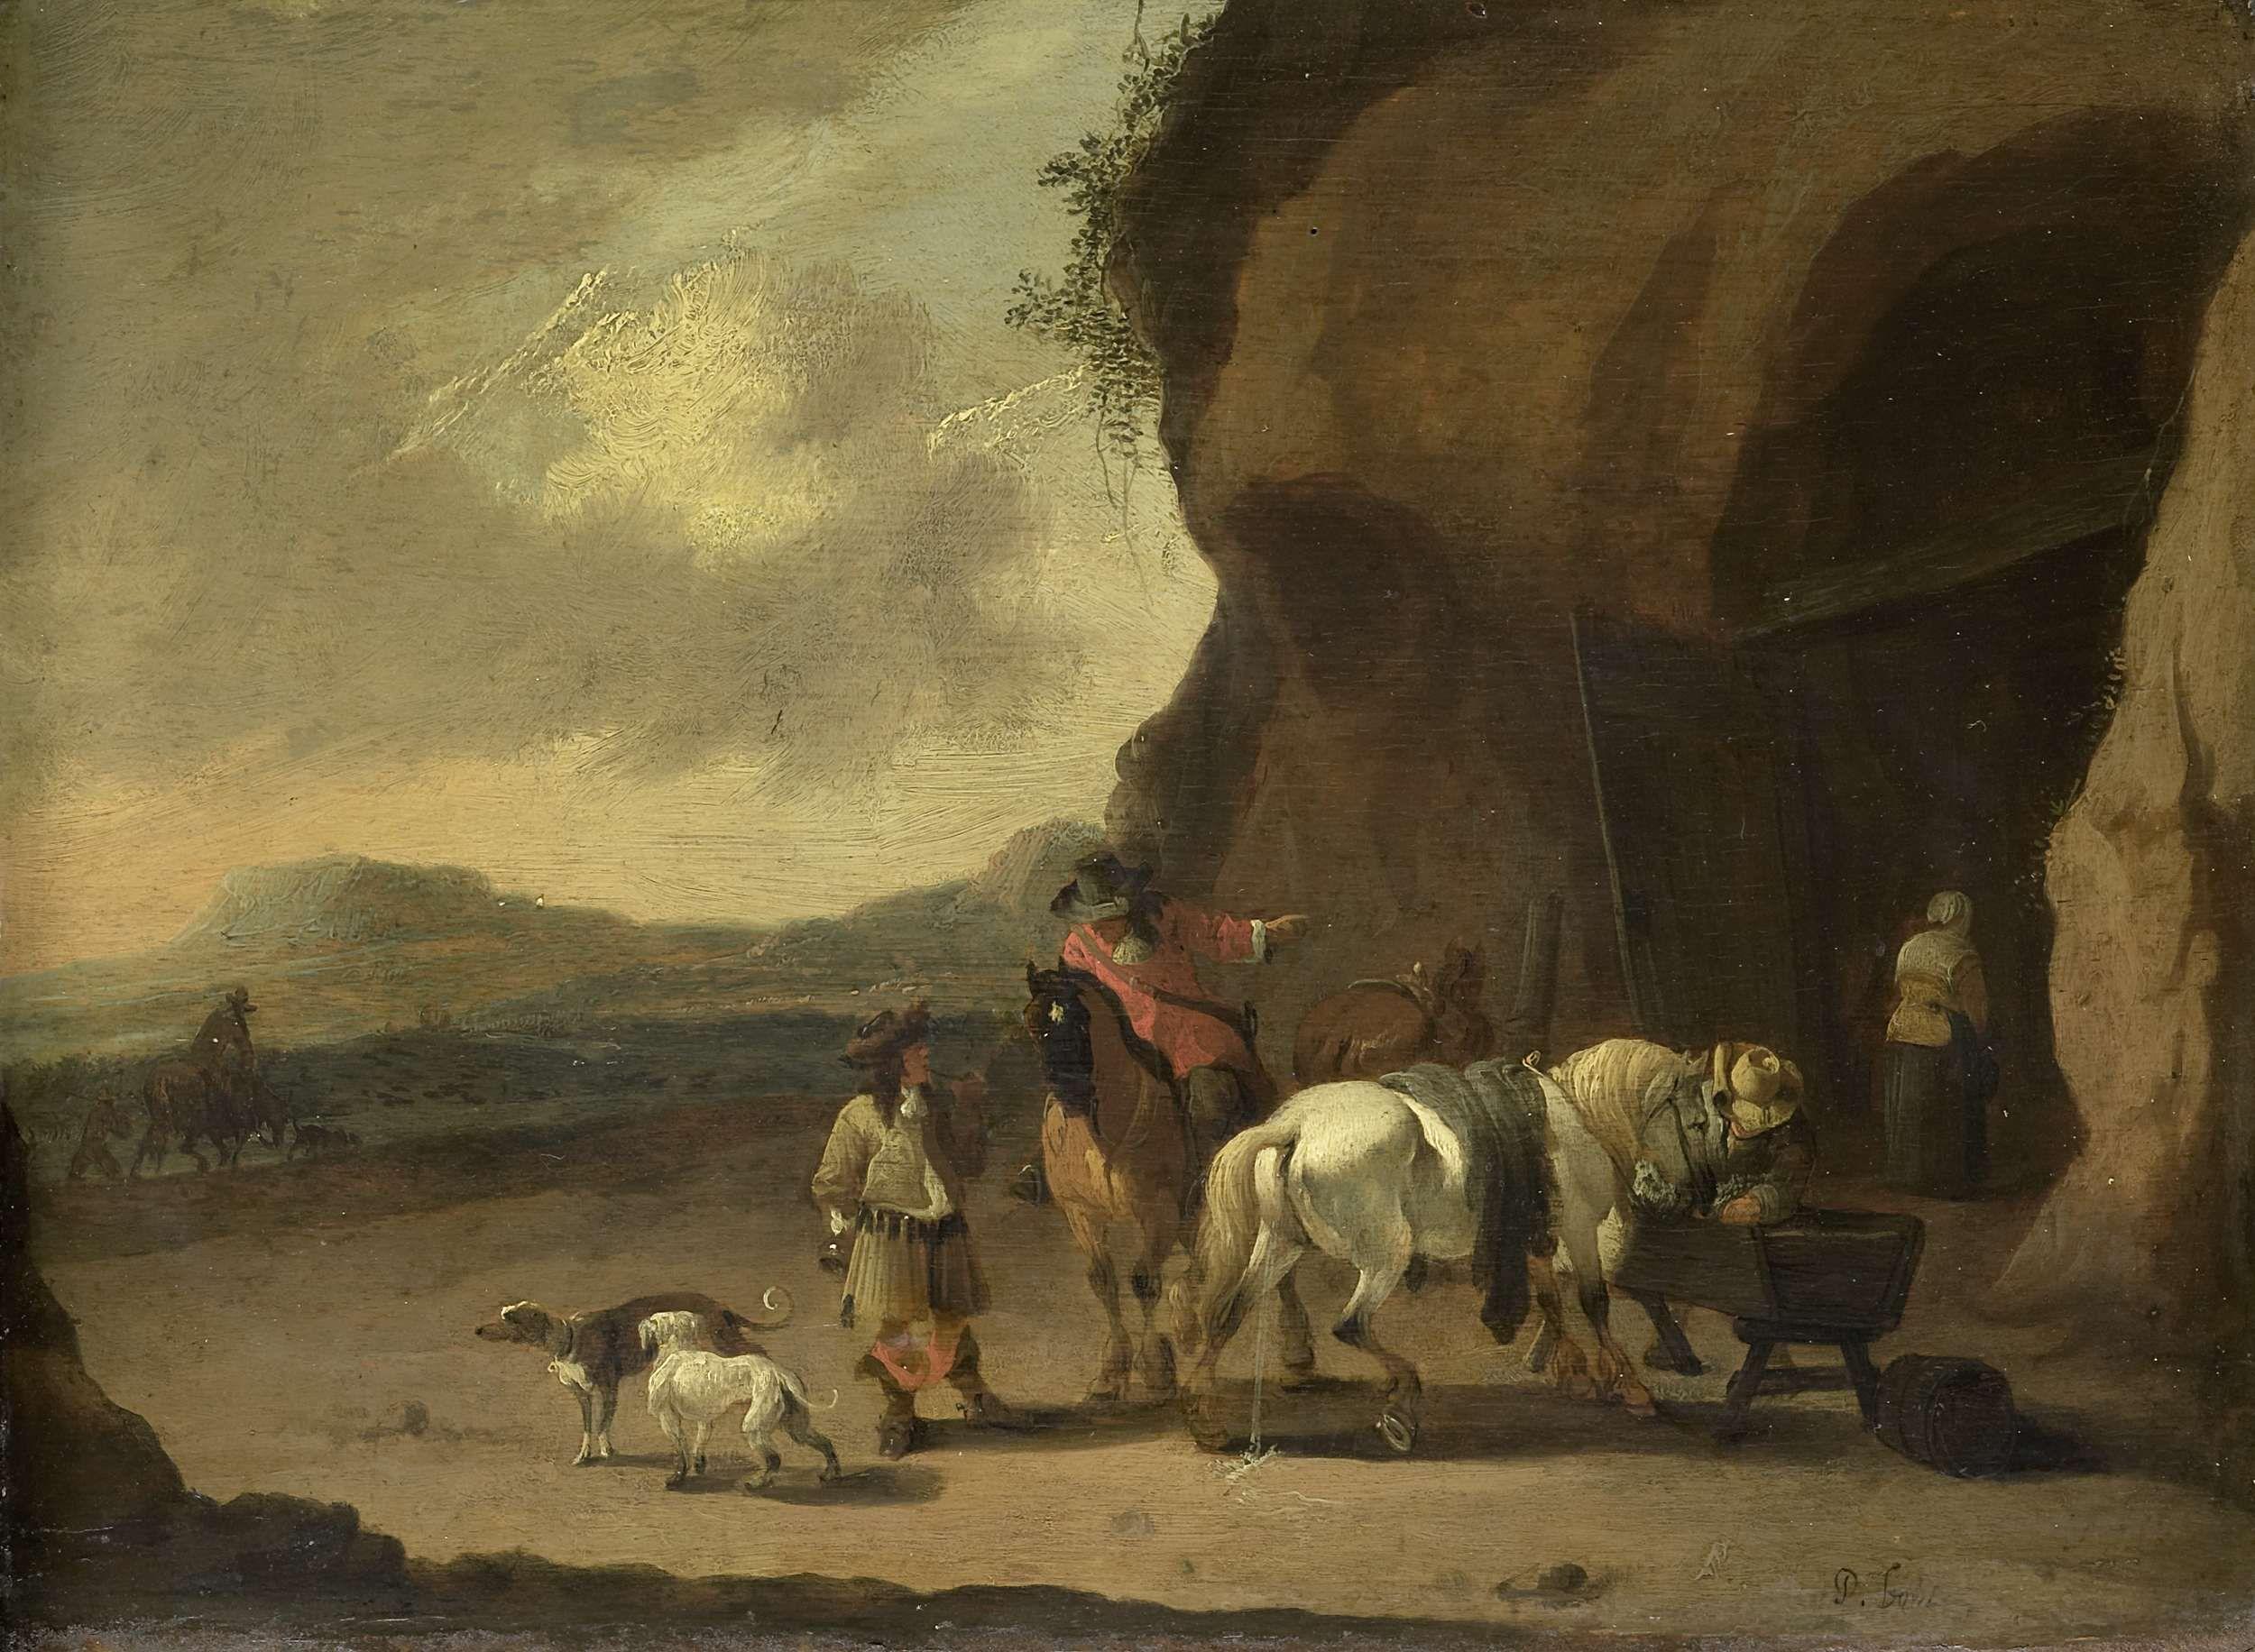 Pieter Bout | The Way Station, Pieter Bout, 1670 - 1719 | Bij een halteplaats, een soort grot in de heuvelwand, kunnen reizigers en paarden rusten. Het pissende paard op de voorgrond wordt gevoerd. Links twee honden